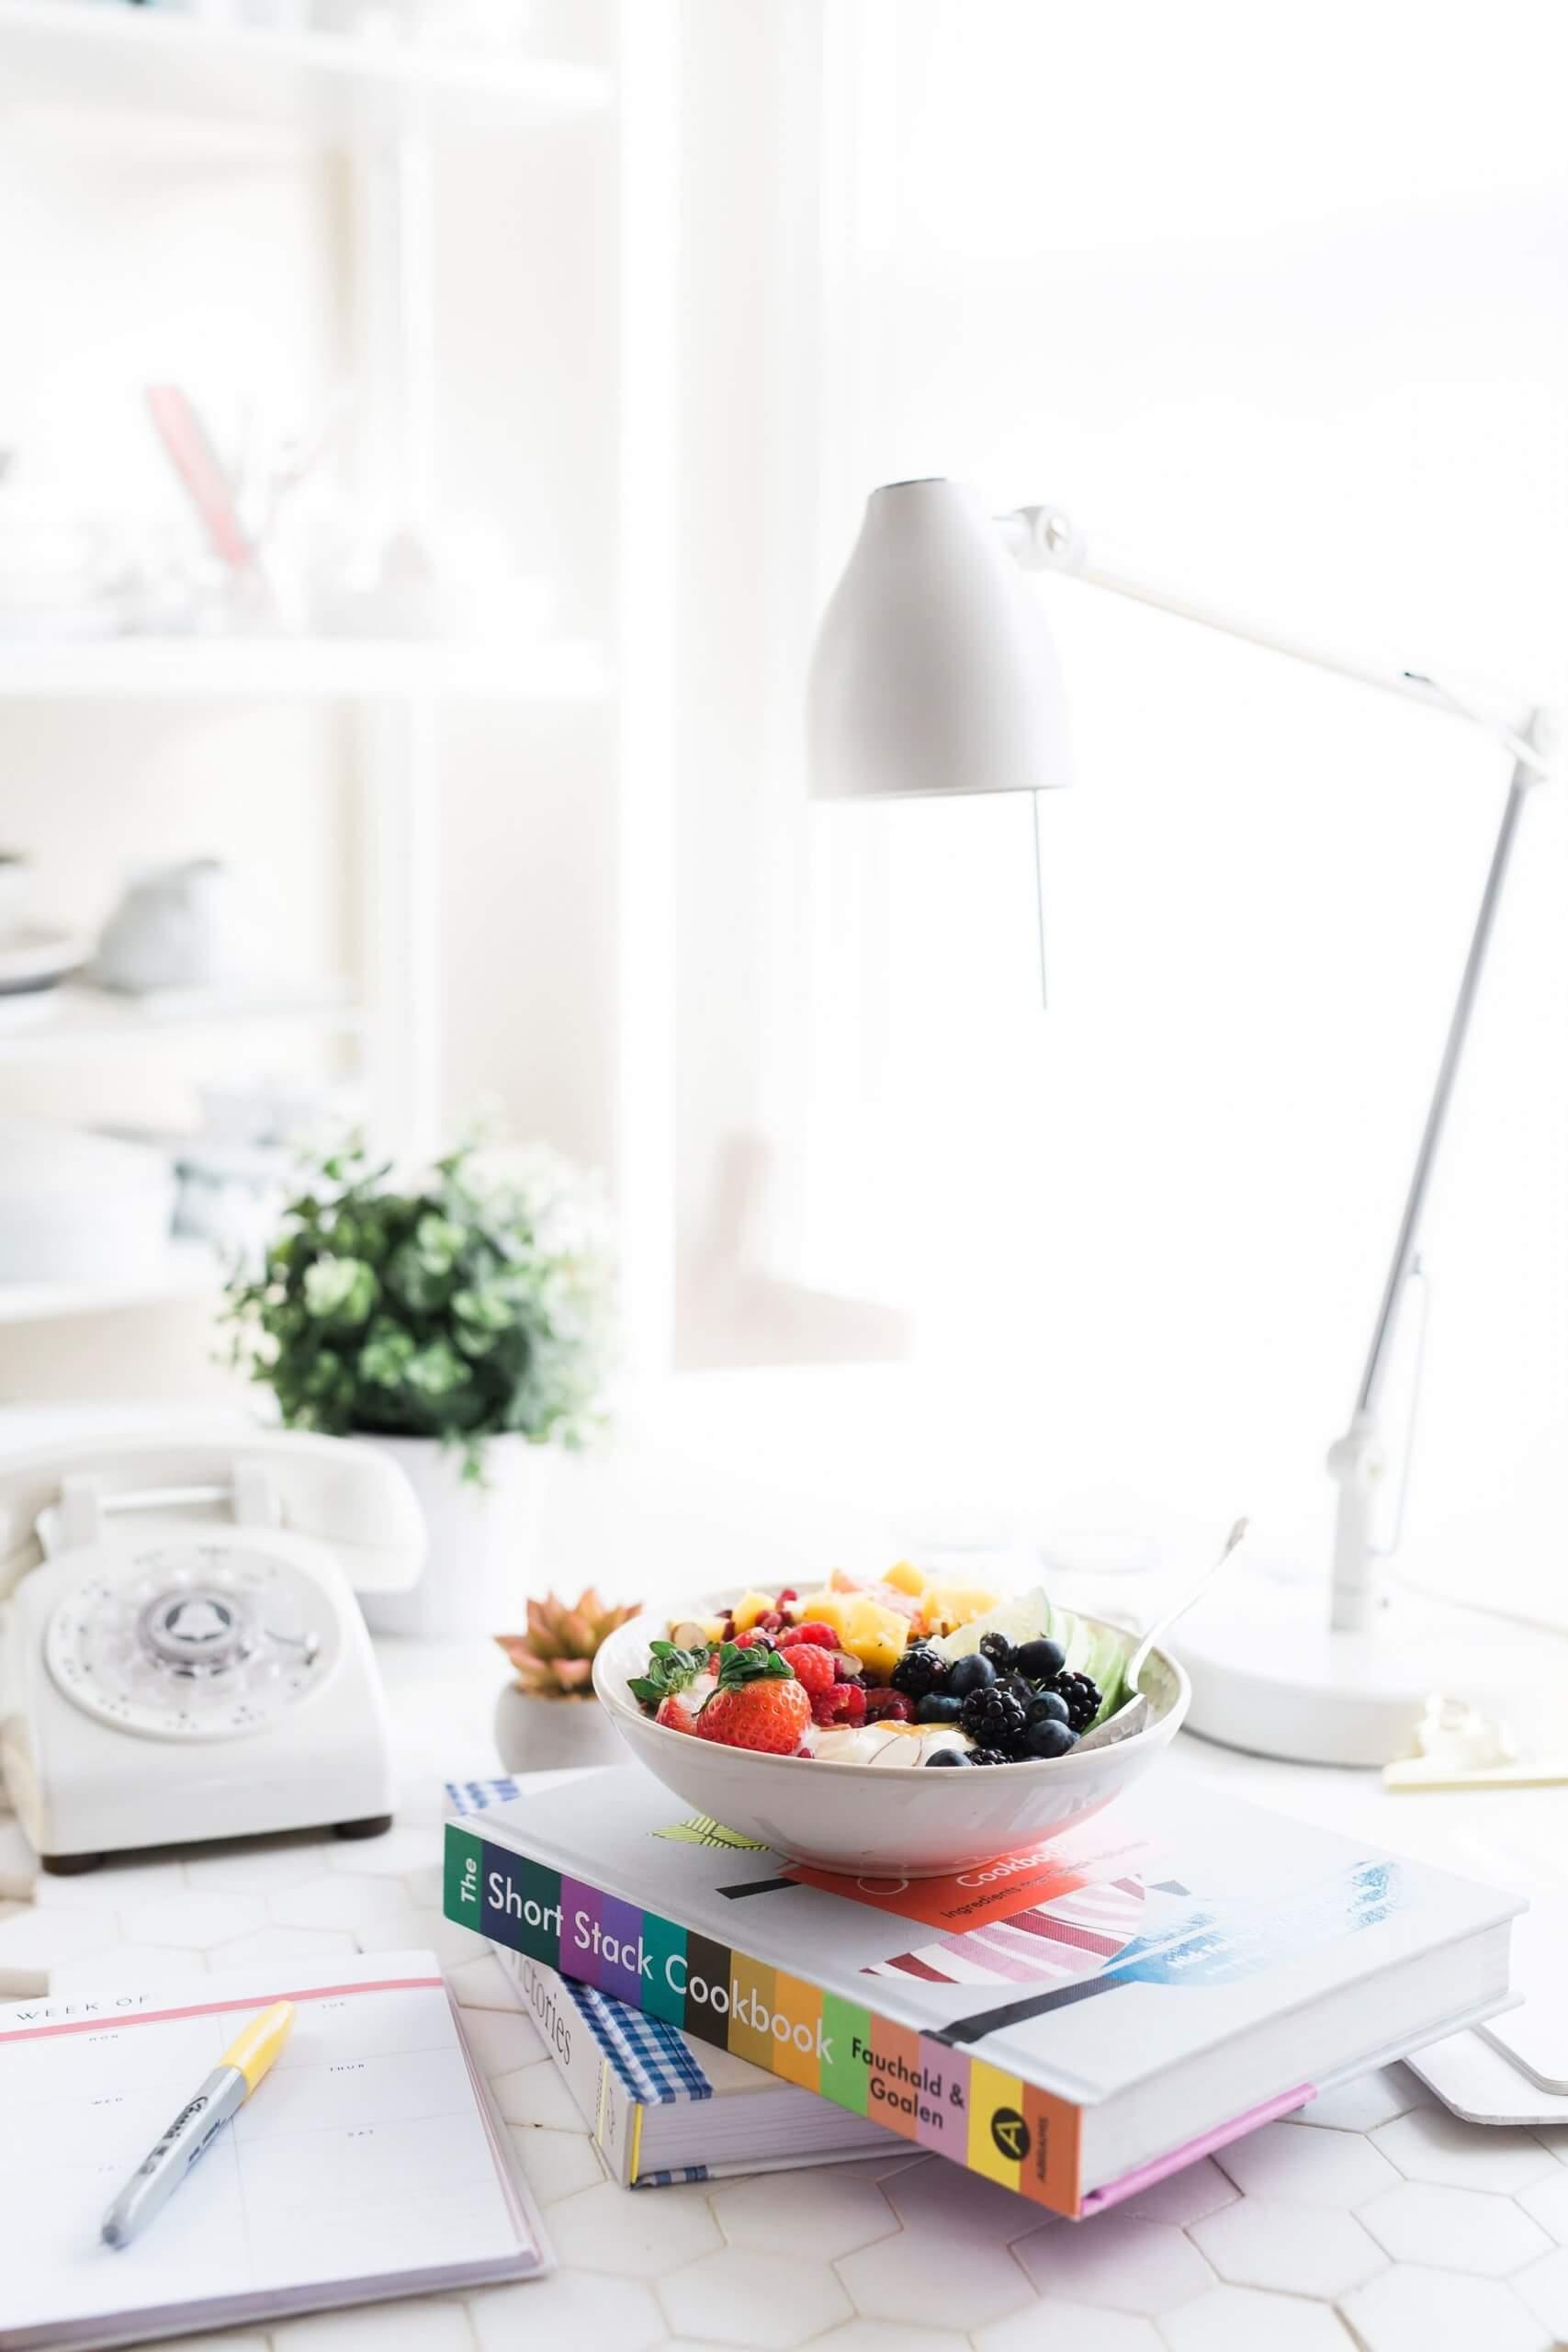 Ernaehrungsberatung Gruender und Startup scaled - Gesunde Ernährung